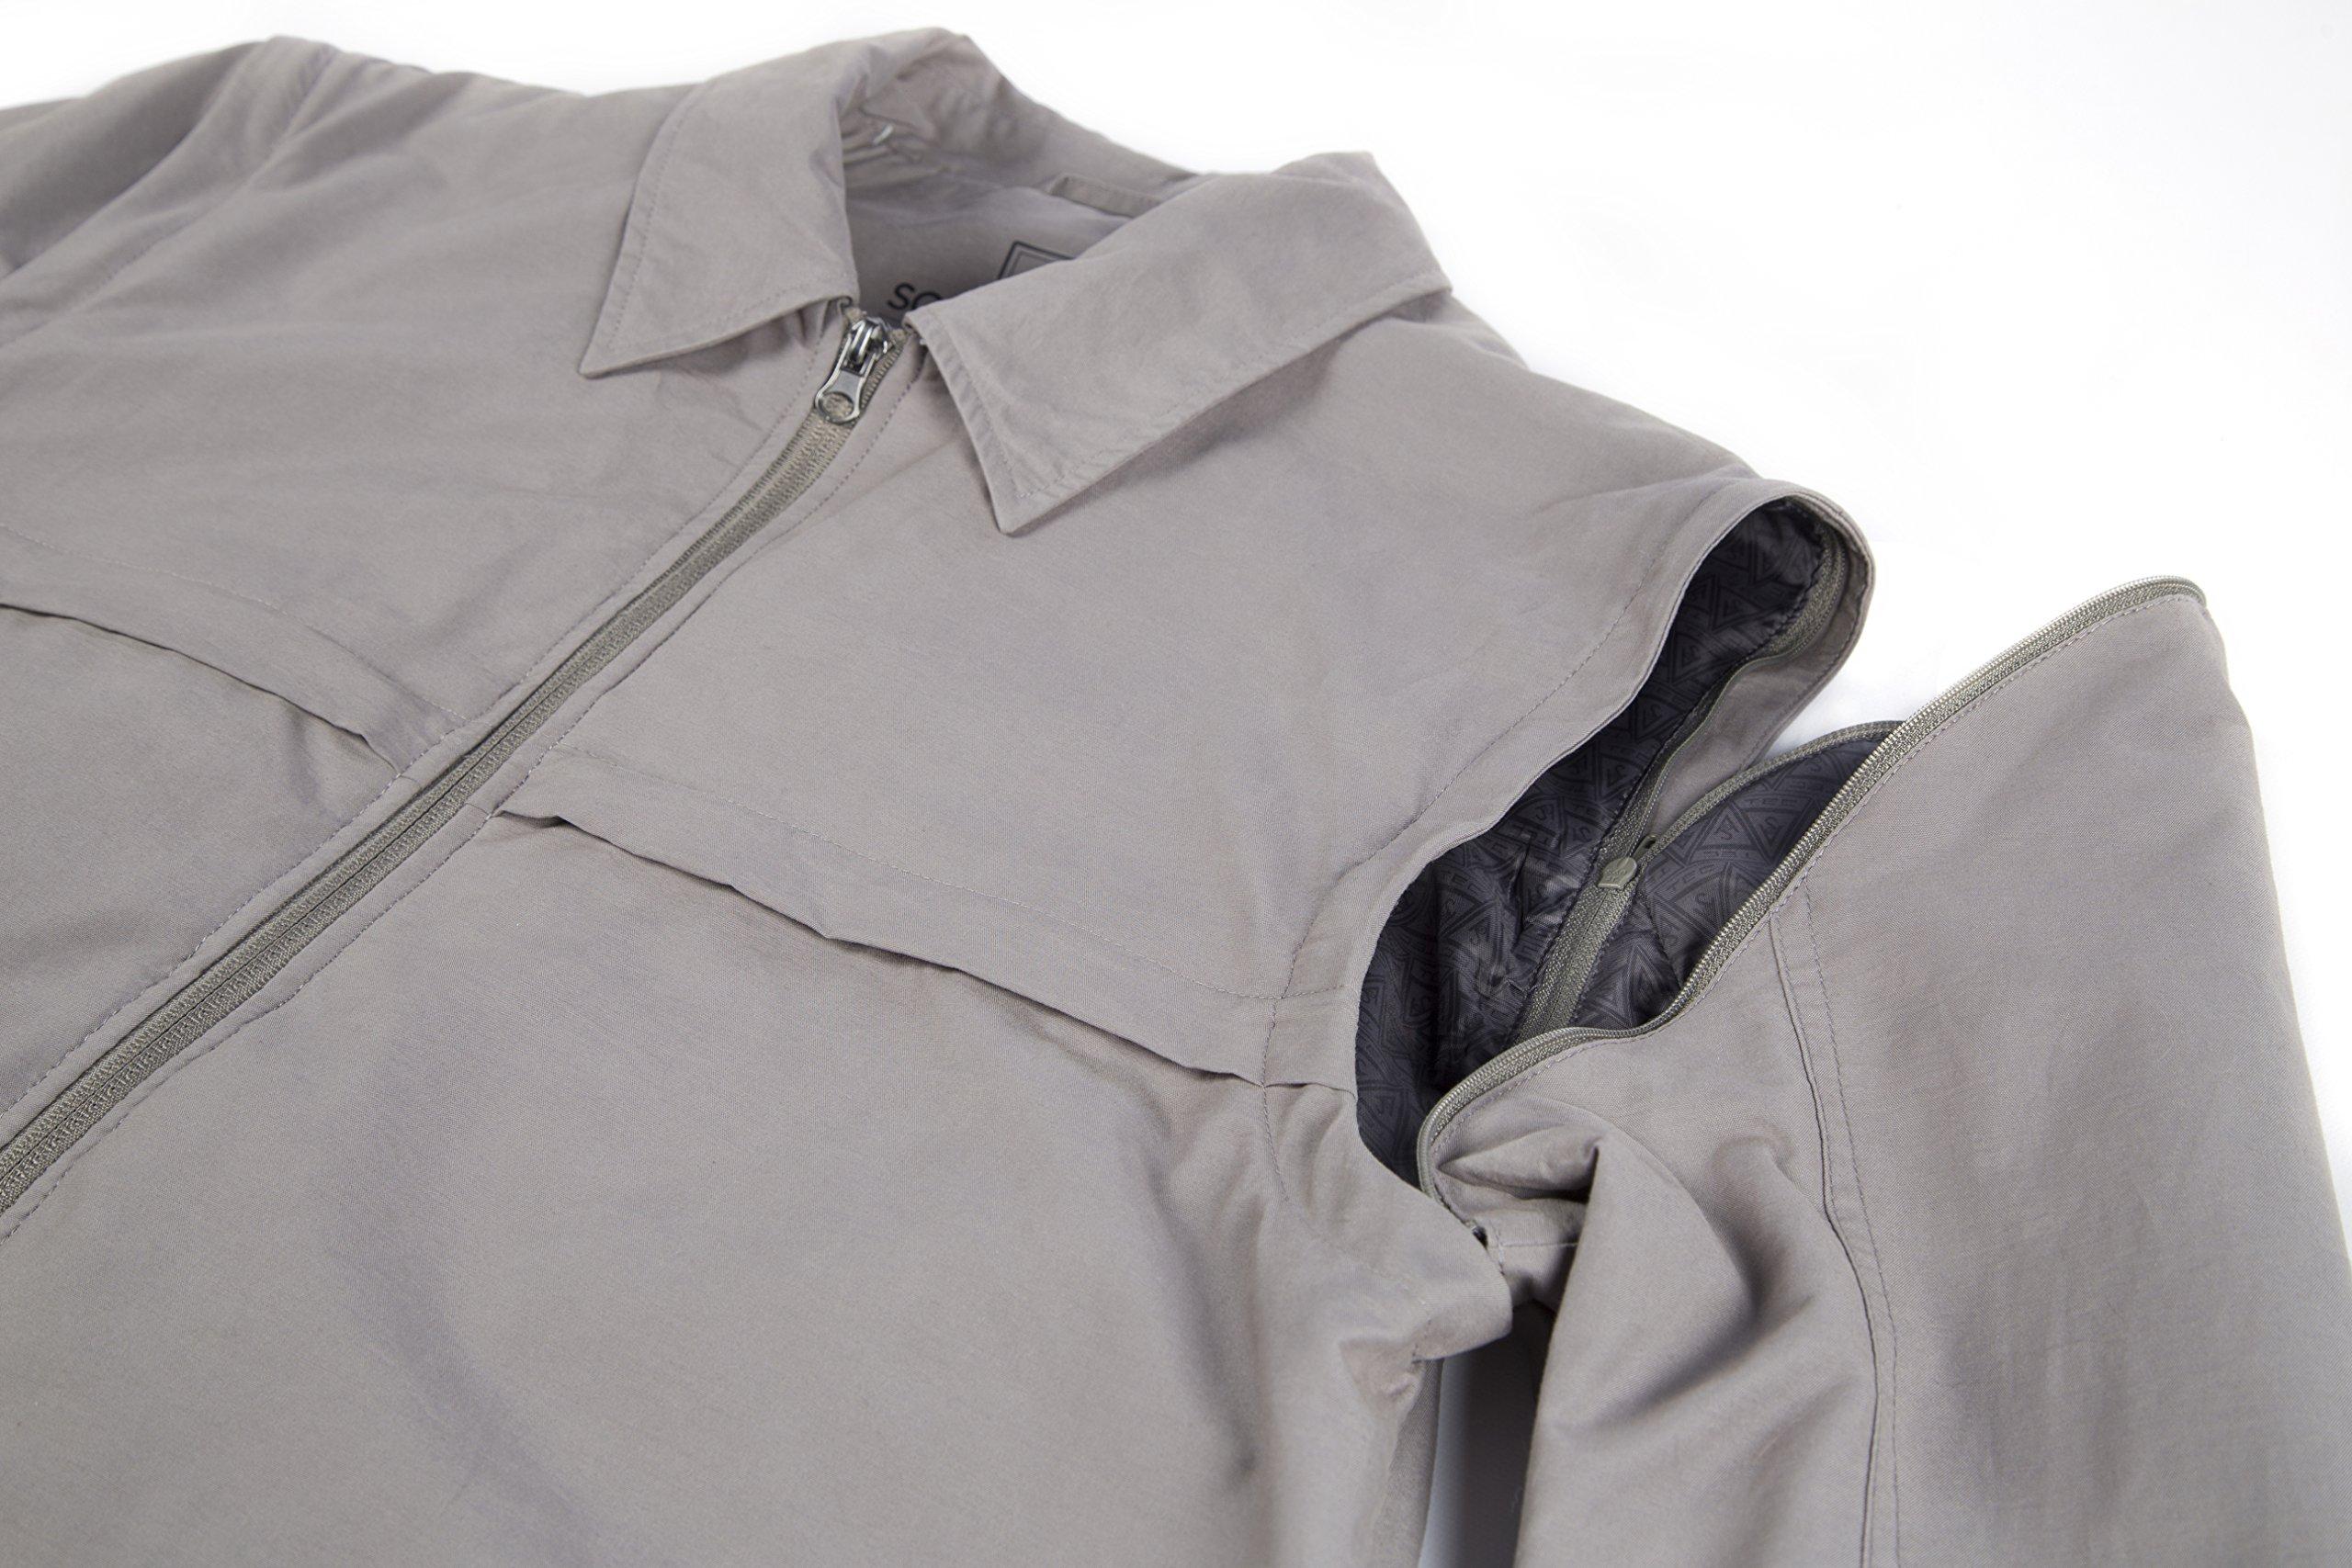 Men's SCOTTeVEST Jacket - 25 Pockets - Travel Clothing BLK M by SCOTTeVEST (Image #6)